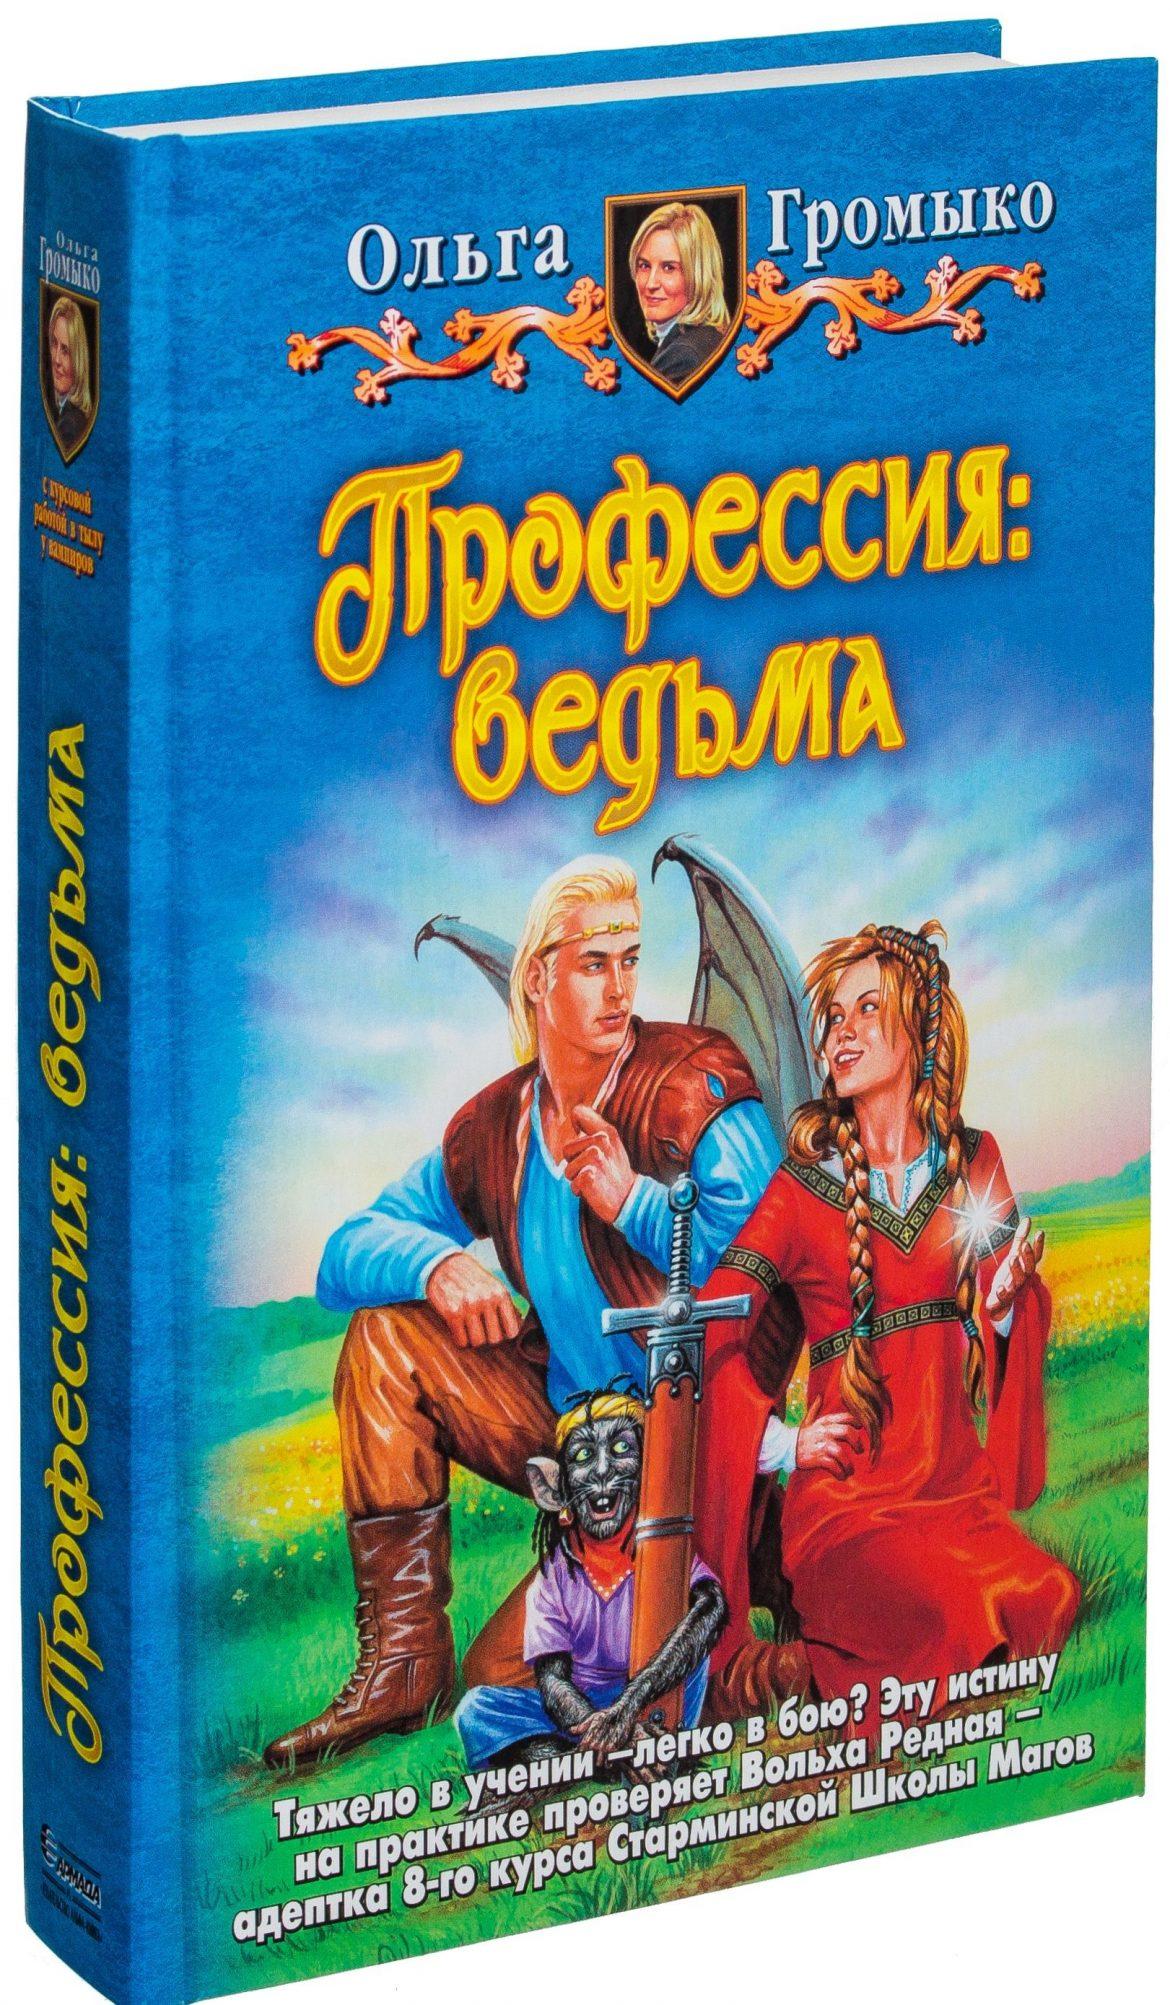 Профессия: ведьма — Ольга Громыко